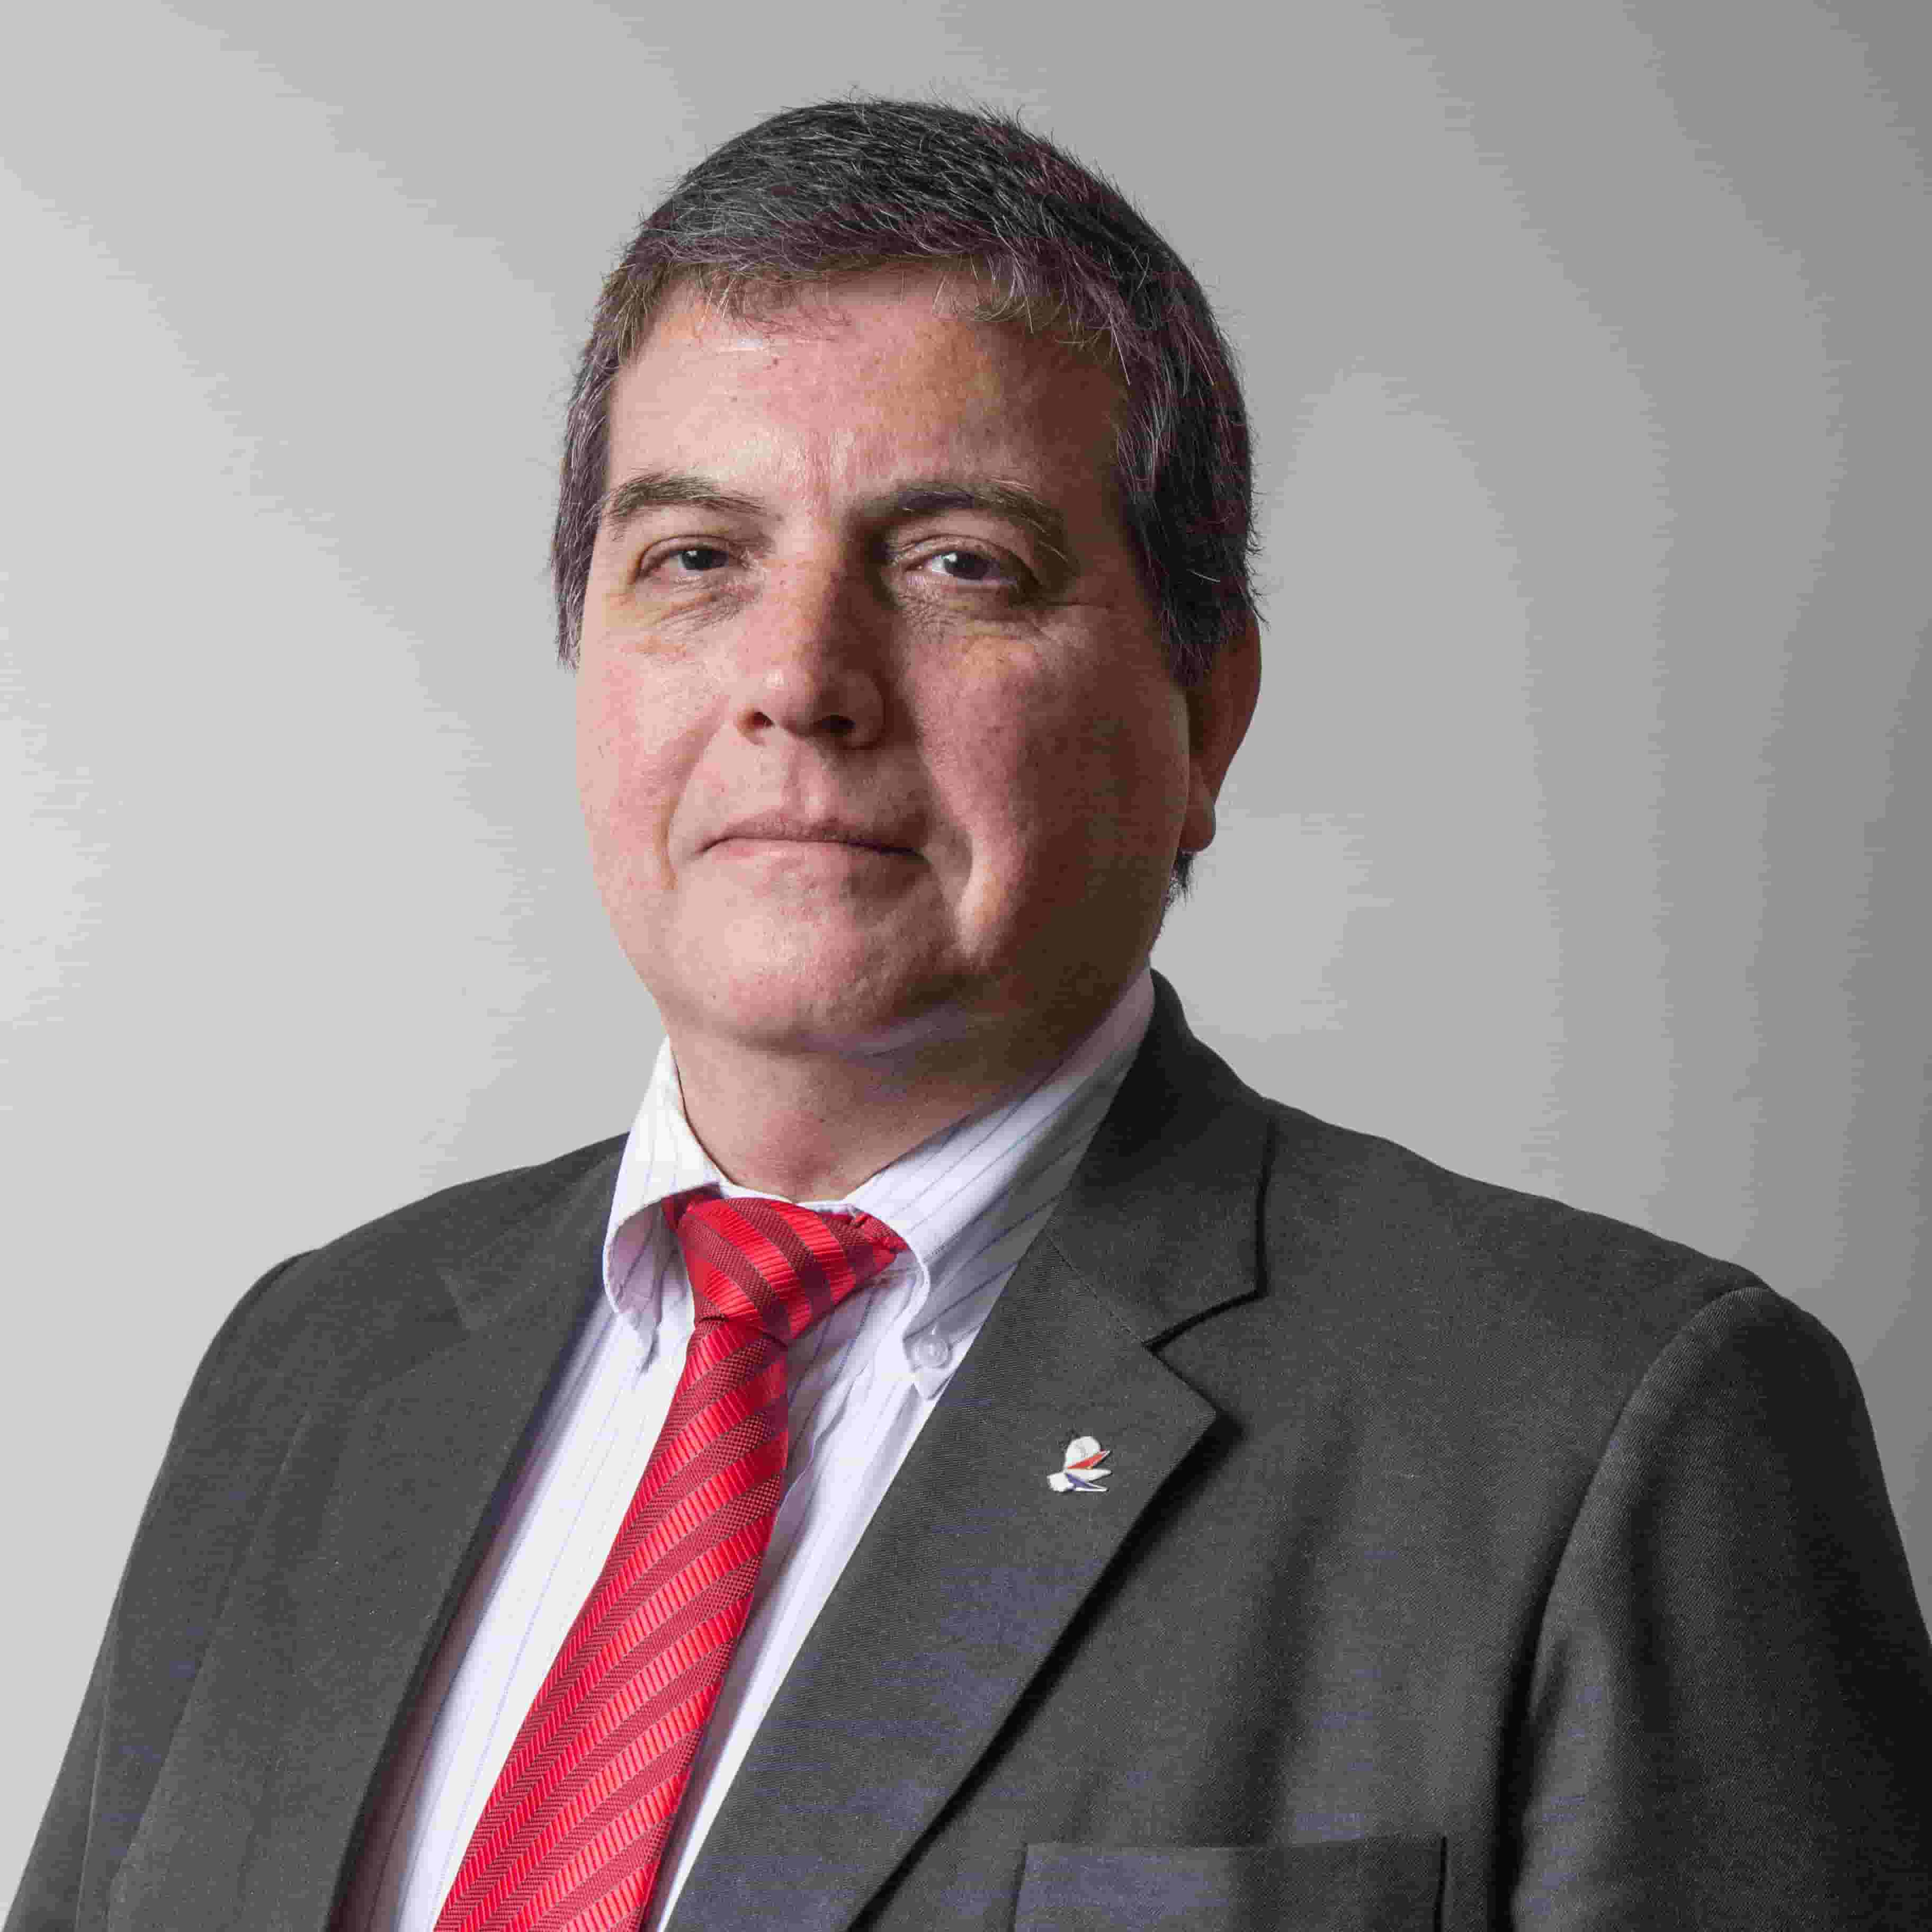 Guillermo Krauch